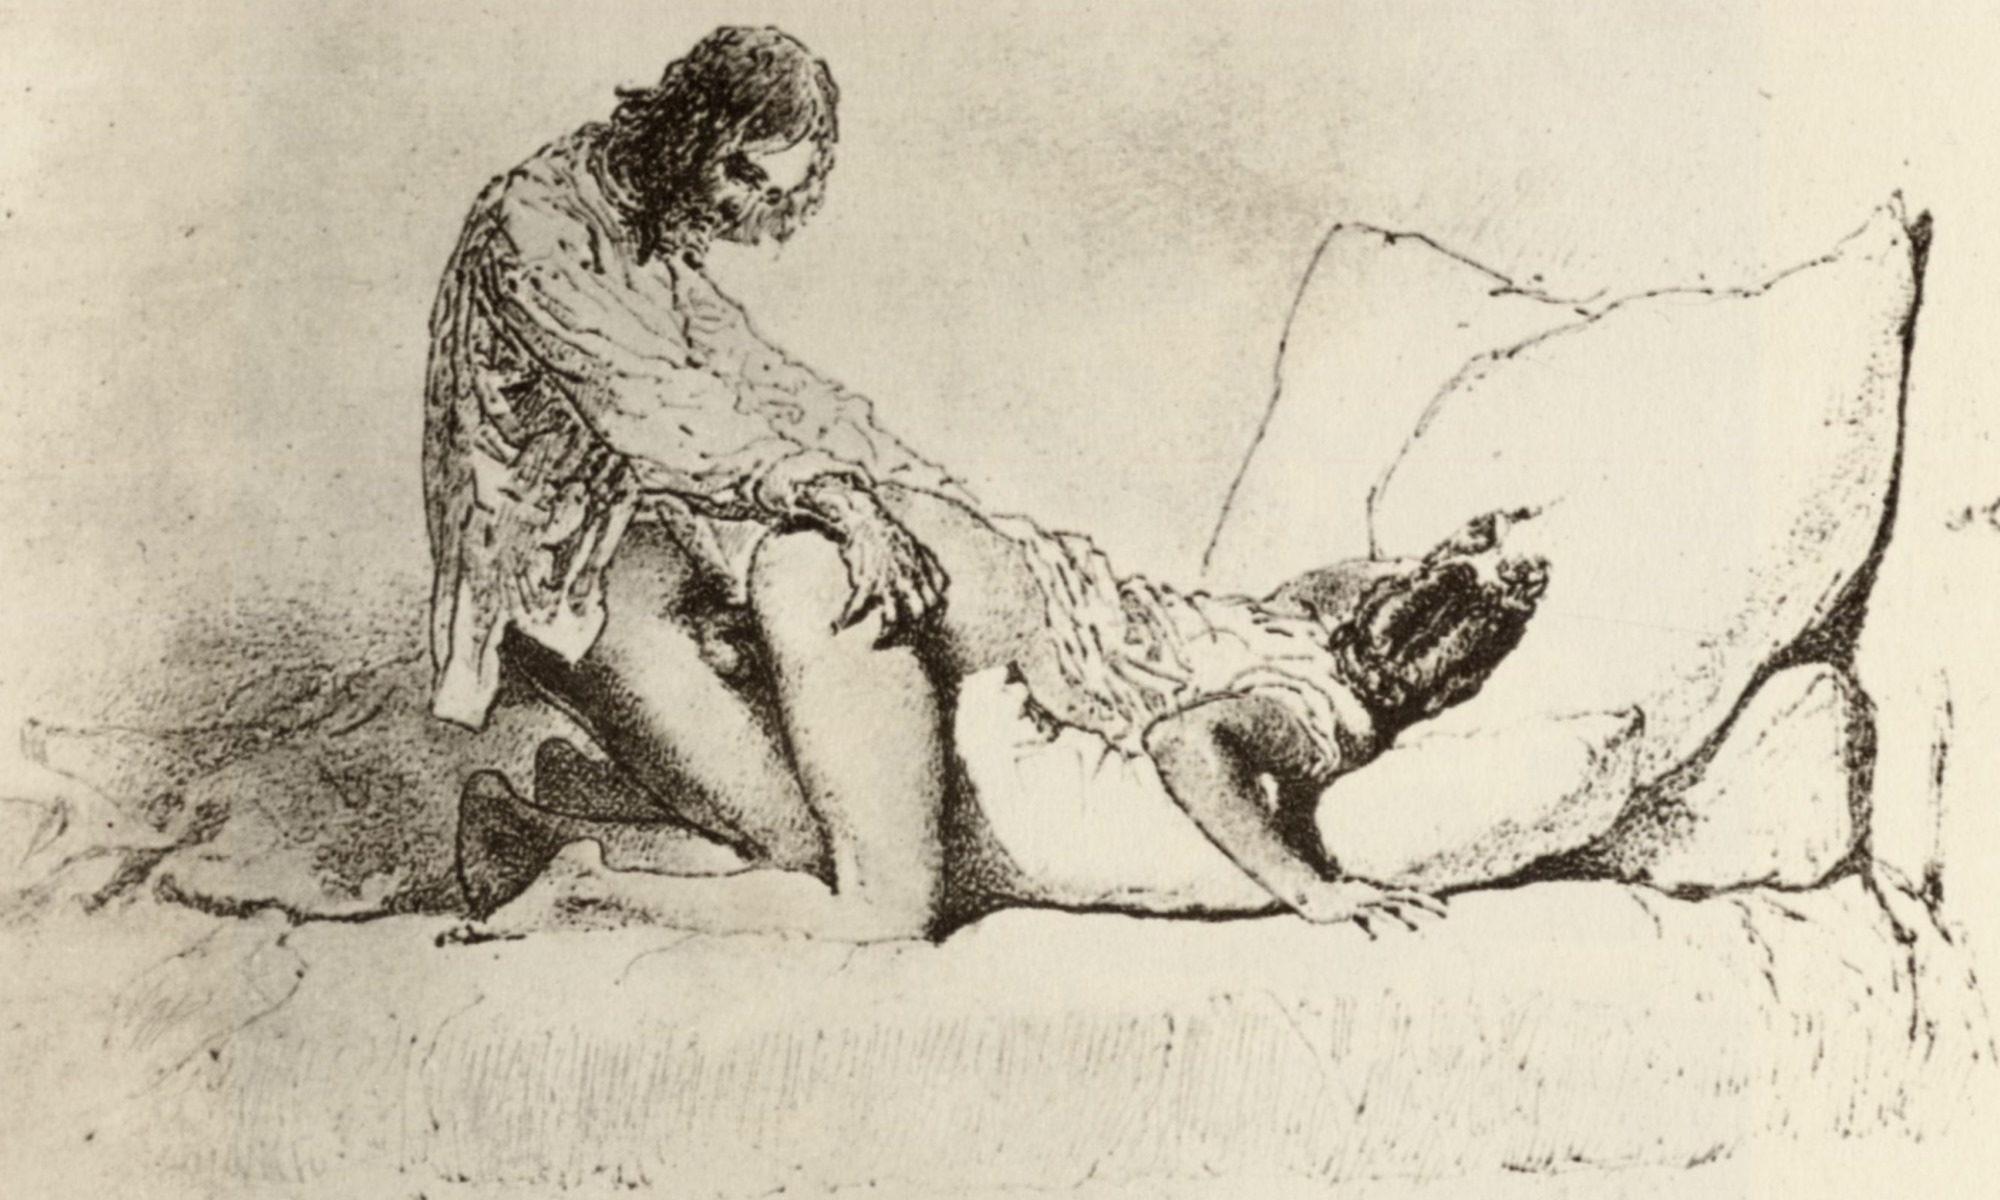 Zichy - Bildzyklus »Liebe«, Blatt 25